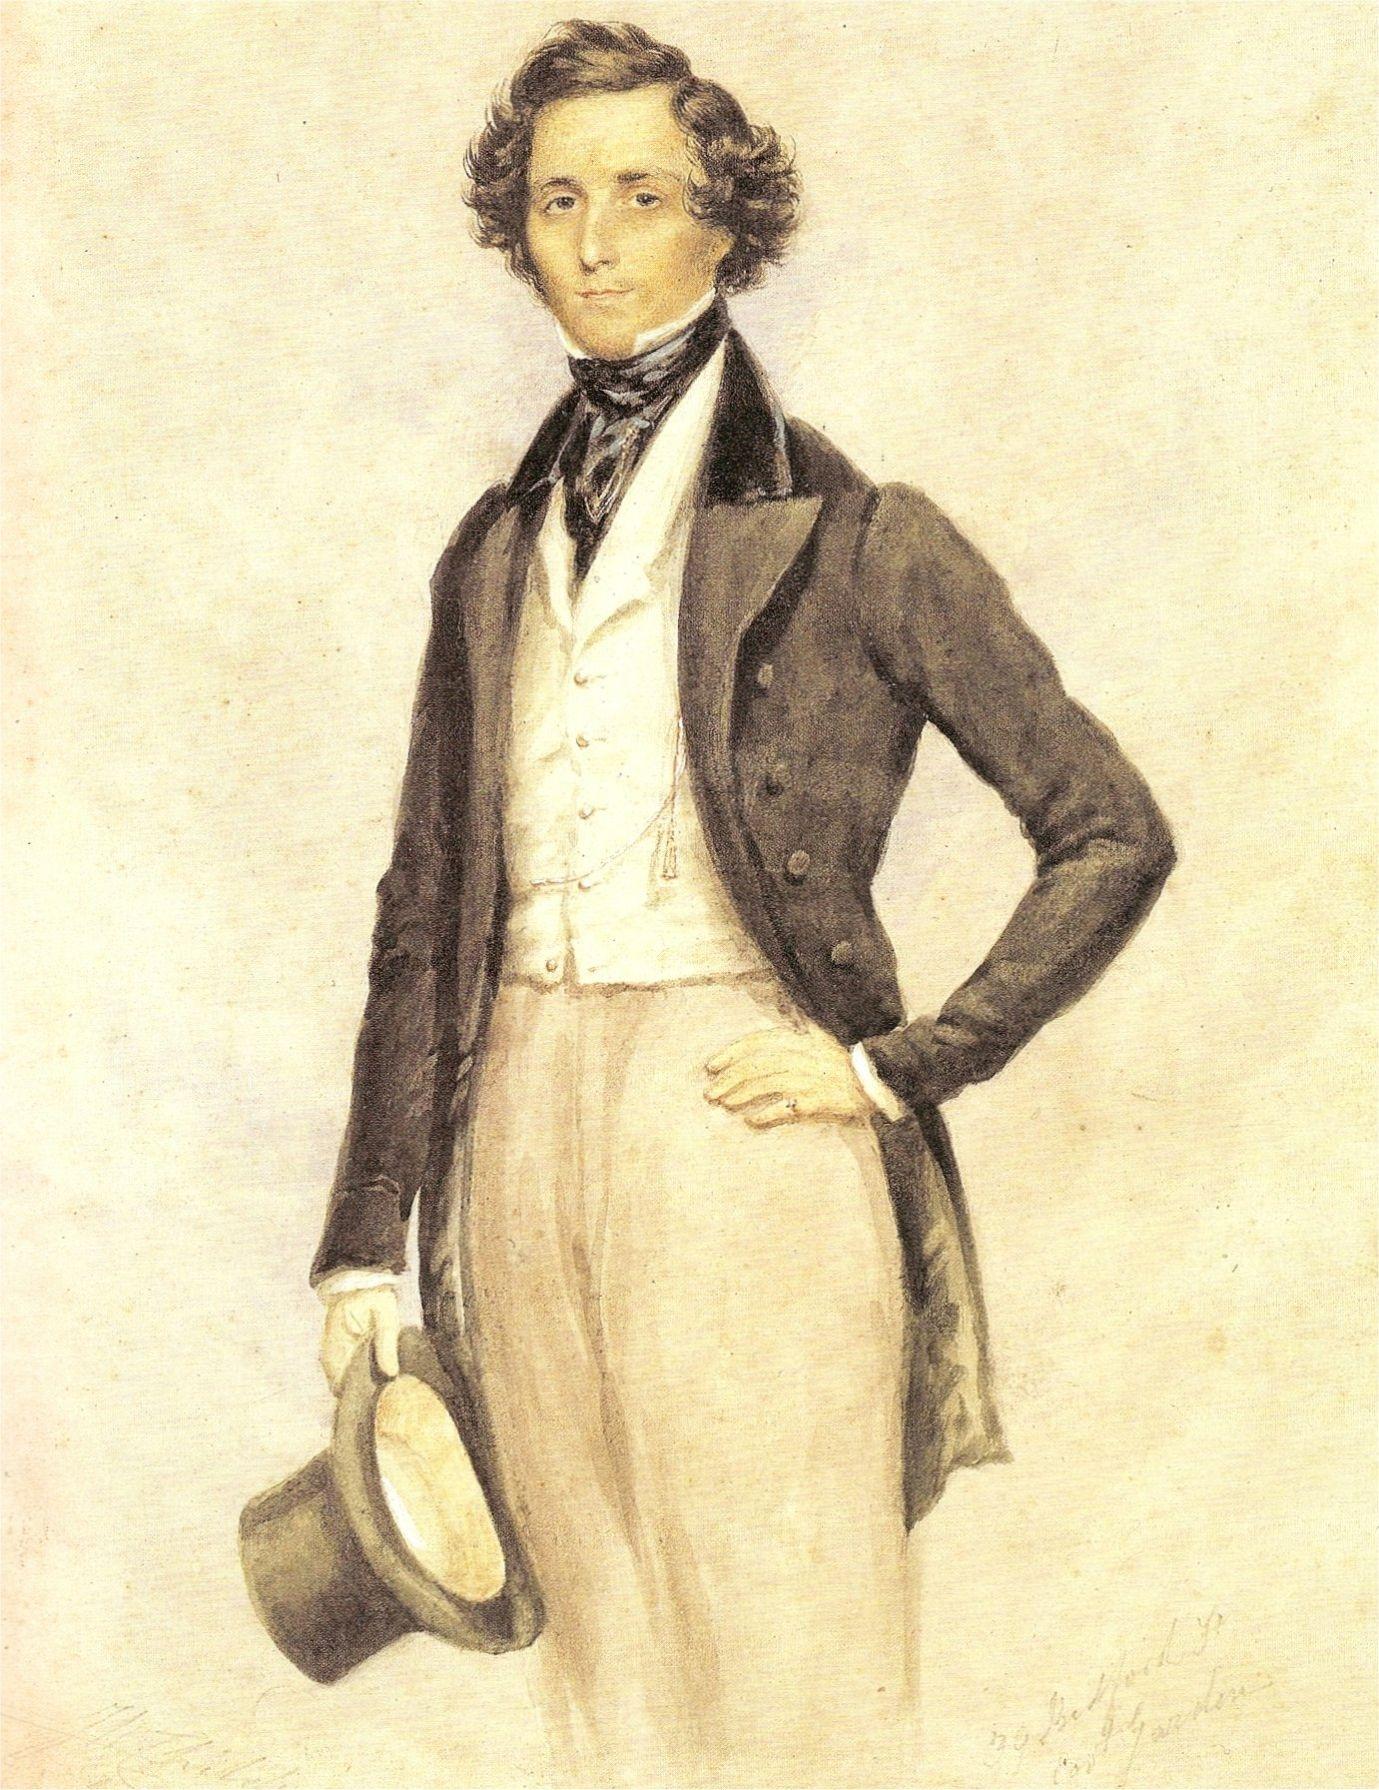 圍繞着孟德爾遜身邊的,盡都是頂尖的思想家和知識份子,他也以卓越的才華,在非常年輕時已寫出成熟的樂章。